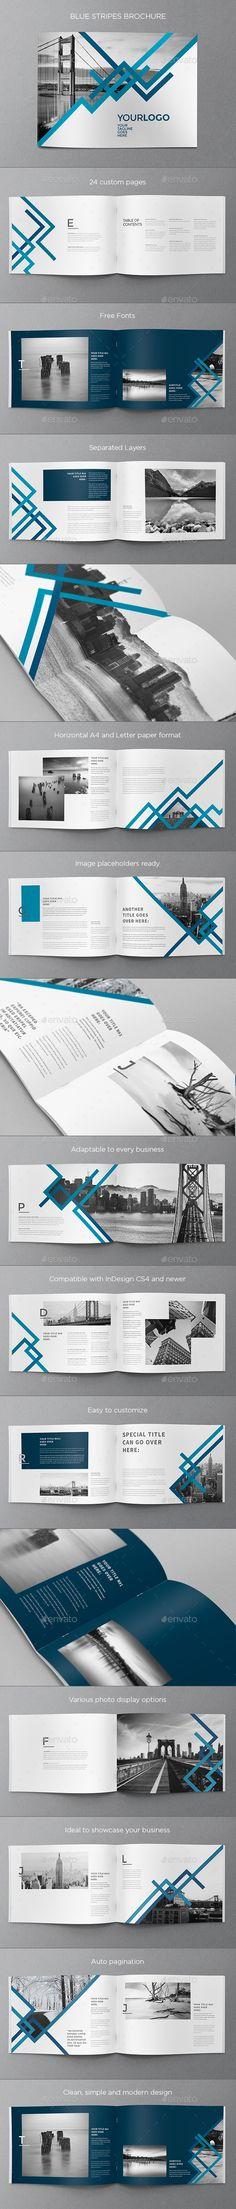 Blue Stripes Brochure Template InDesign INDD. Download here: http://graphicriver.net/item/blue-stripes-brochure/16367547?ref=ksioks